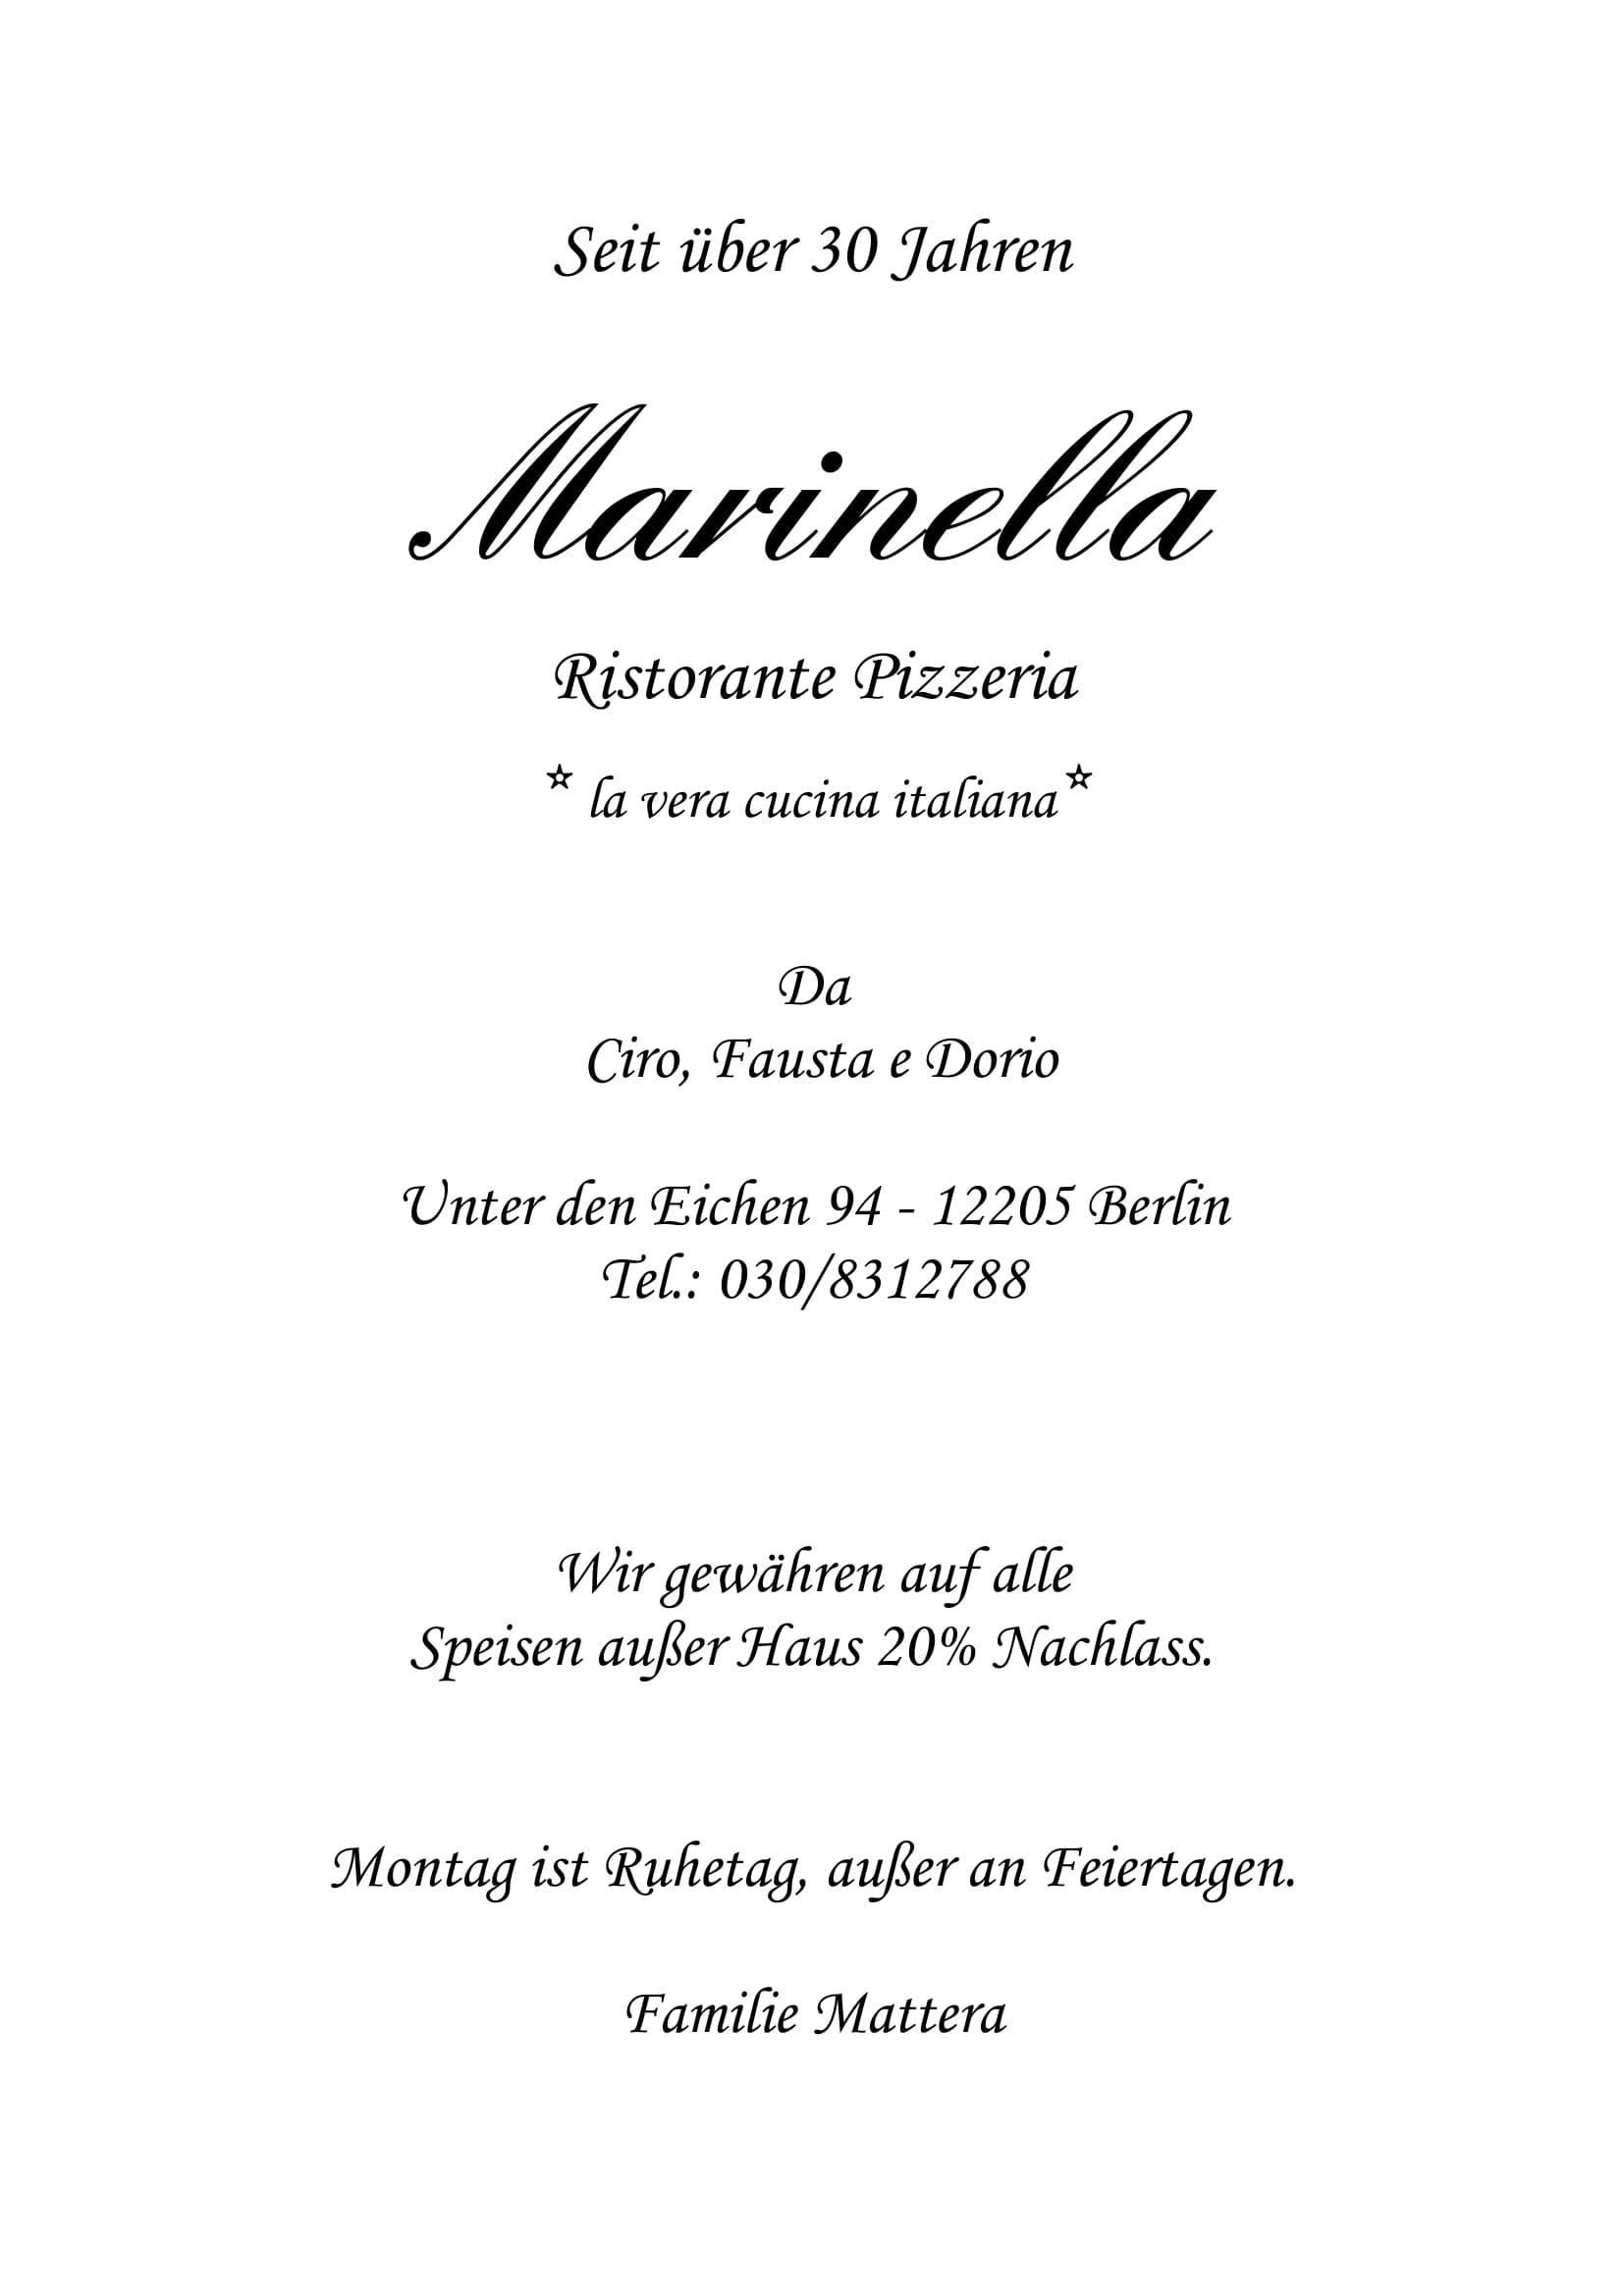 2020 26_09 Marinella Karte (ohne Nummern)29_09_2020-01